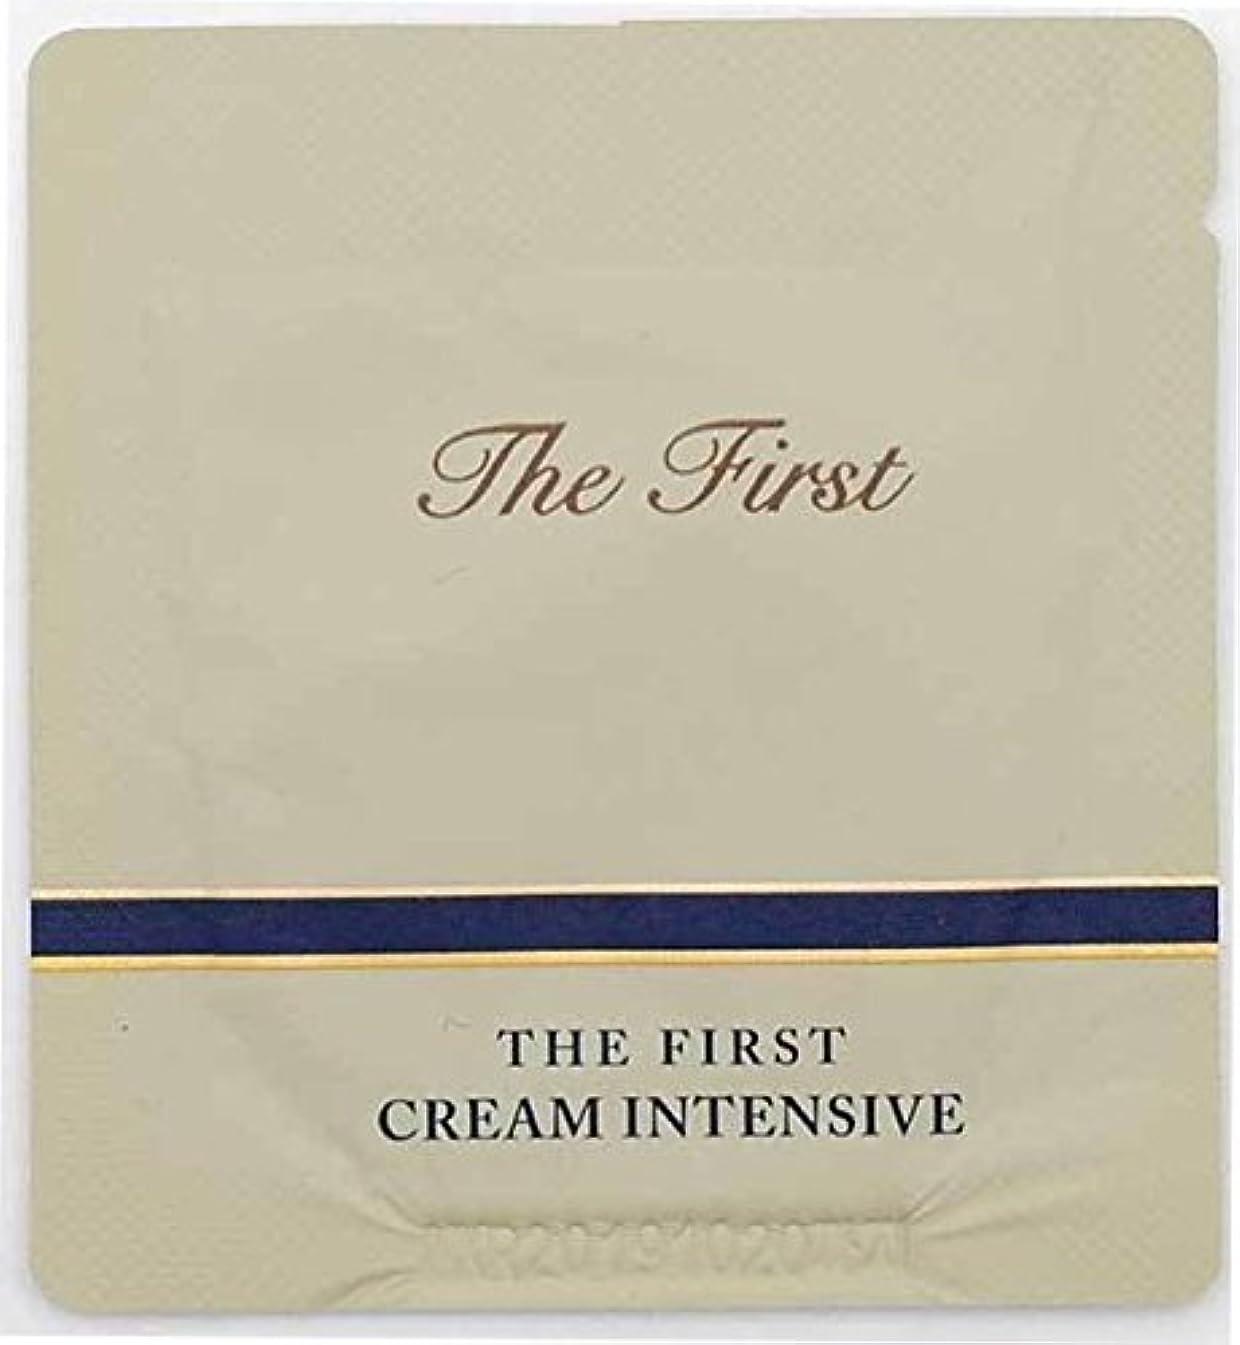 心理学大砲債務[サンプル] OHUI The First Cream intensive 1ml × 30ea/オフィ ザ ファースト クリーム インテンシブ 1ml × 30個